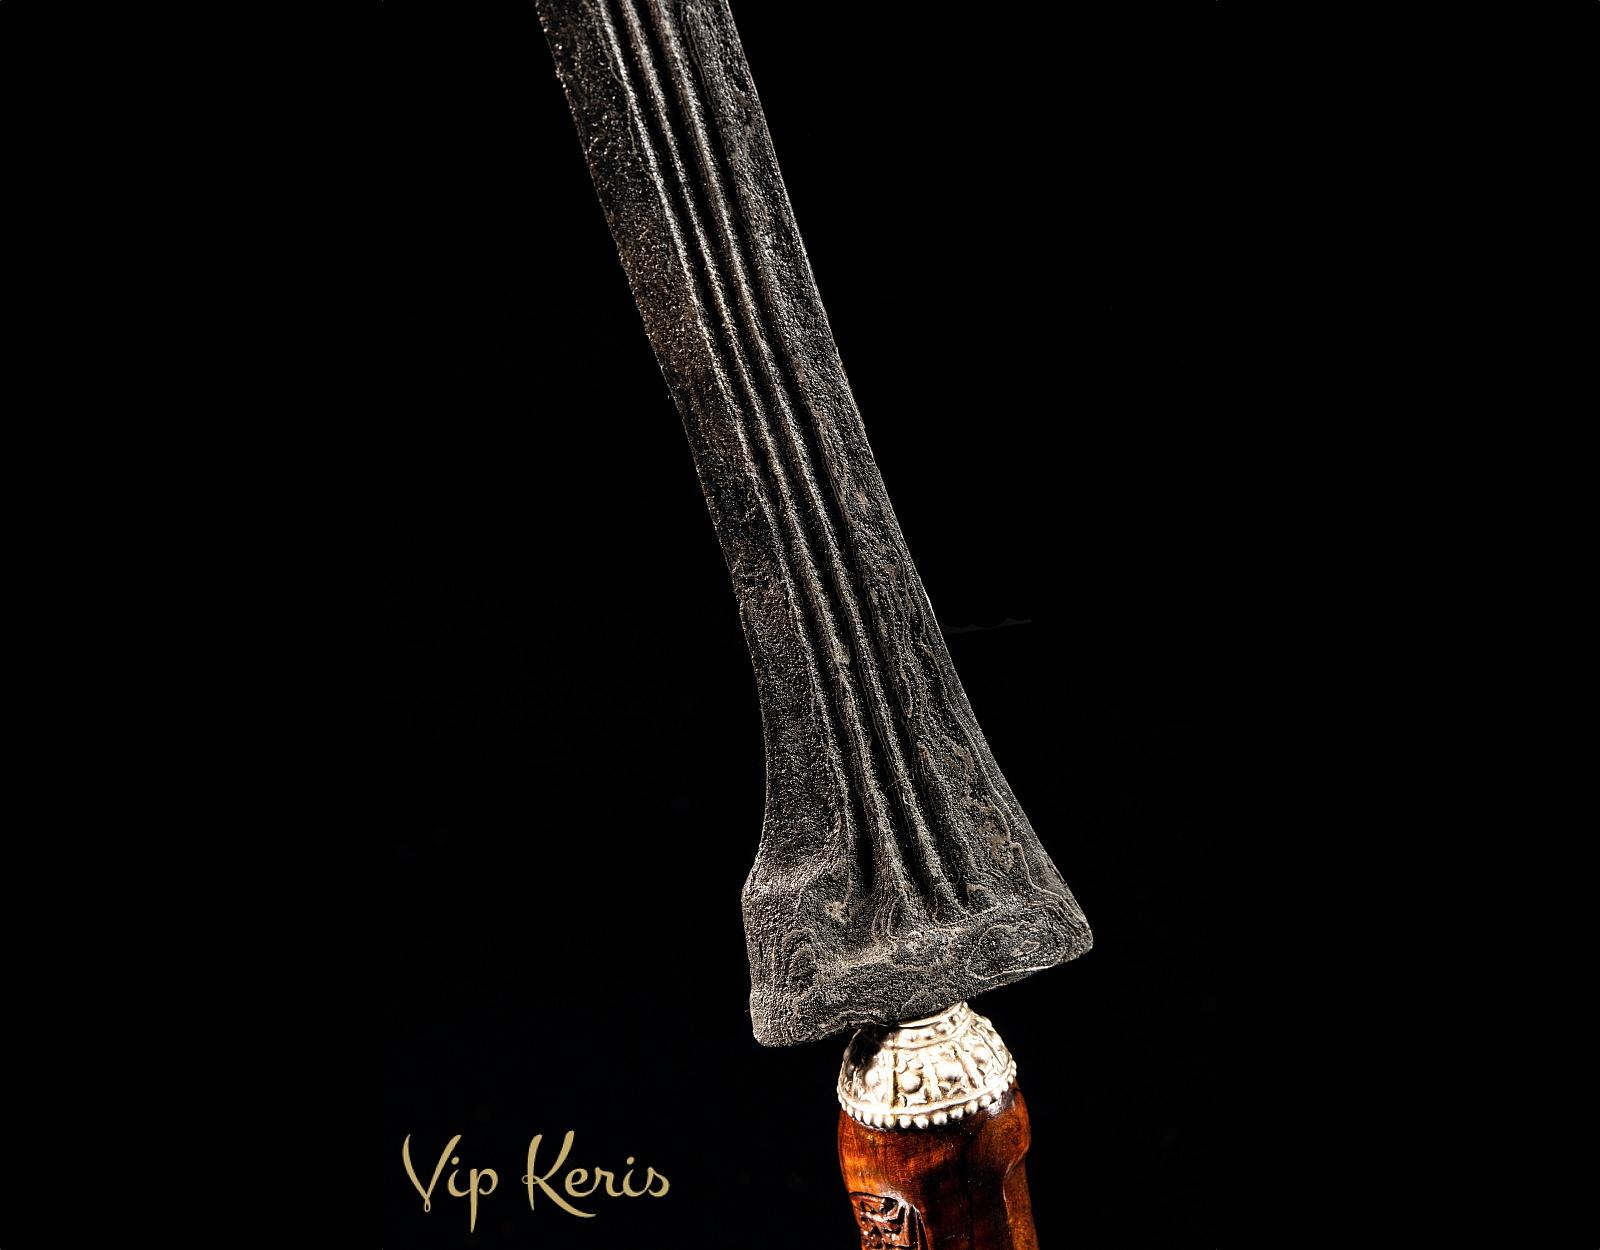 Прямой ритуальный Крис Duwung фото VipKeris